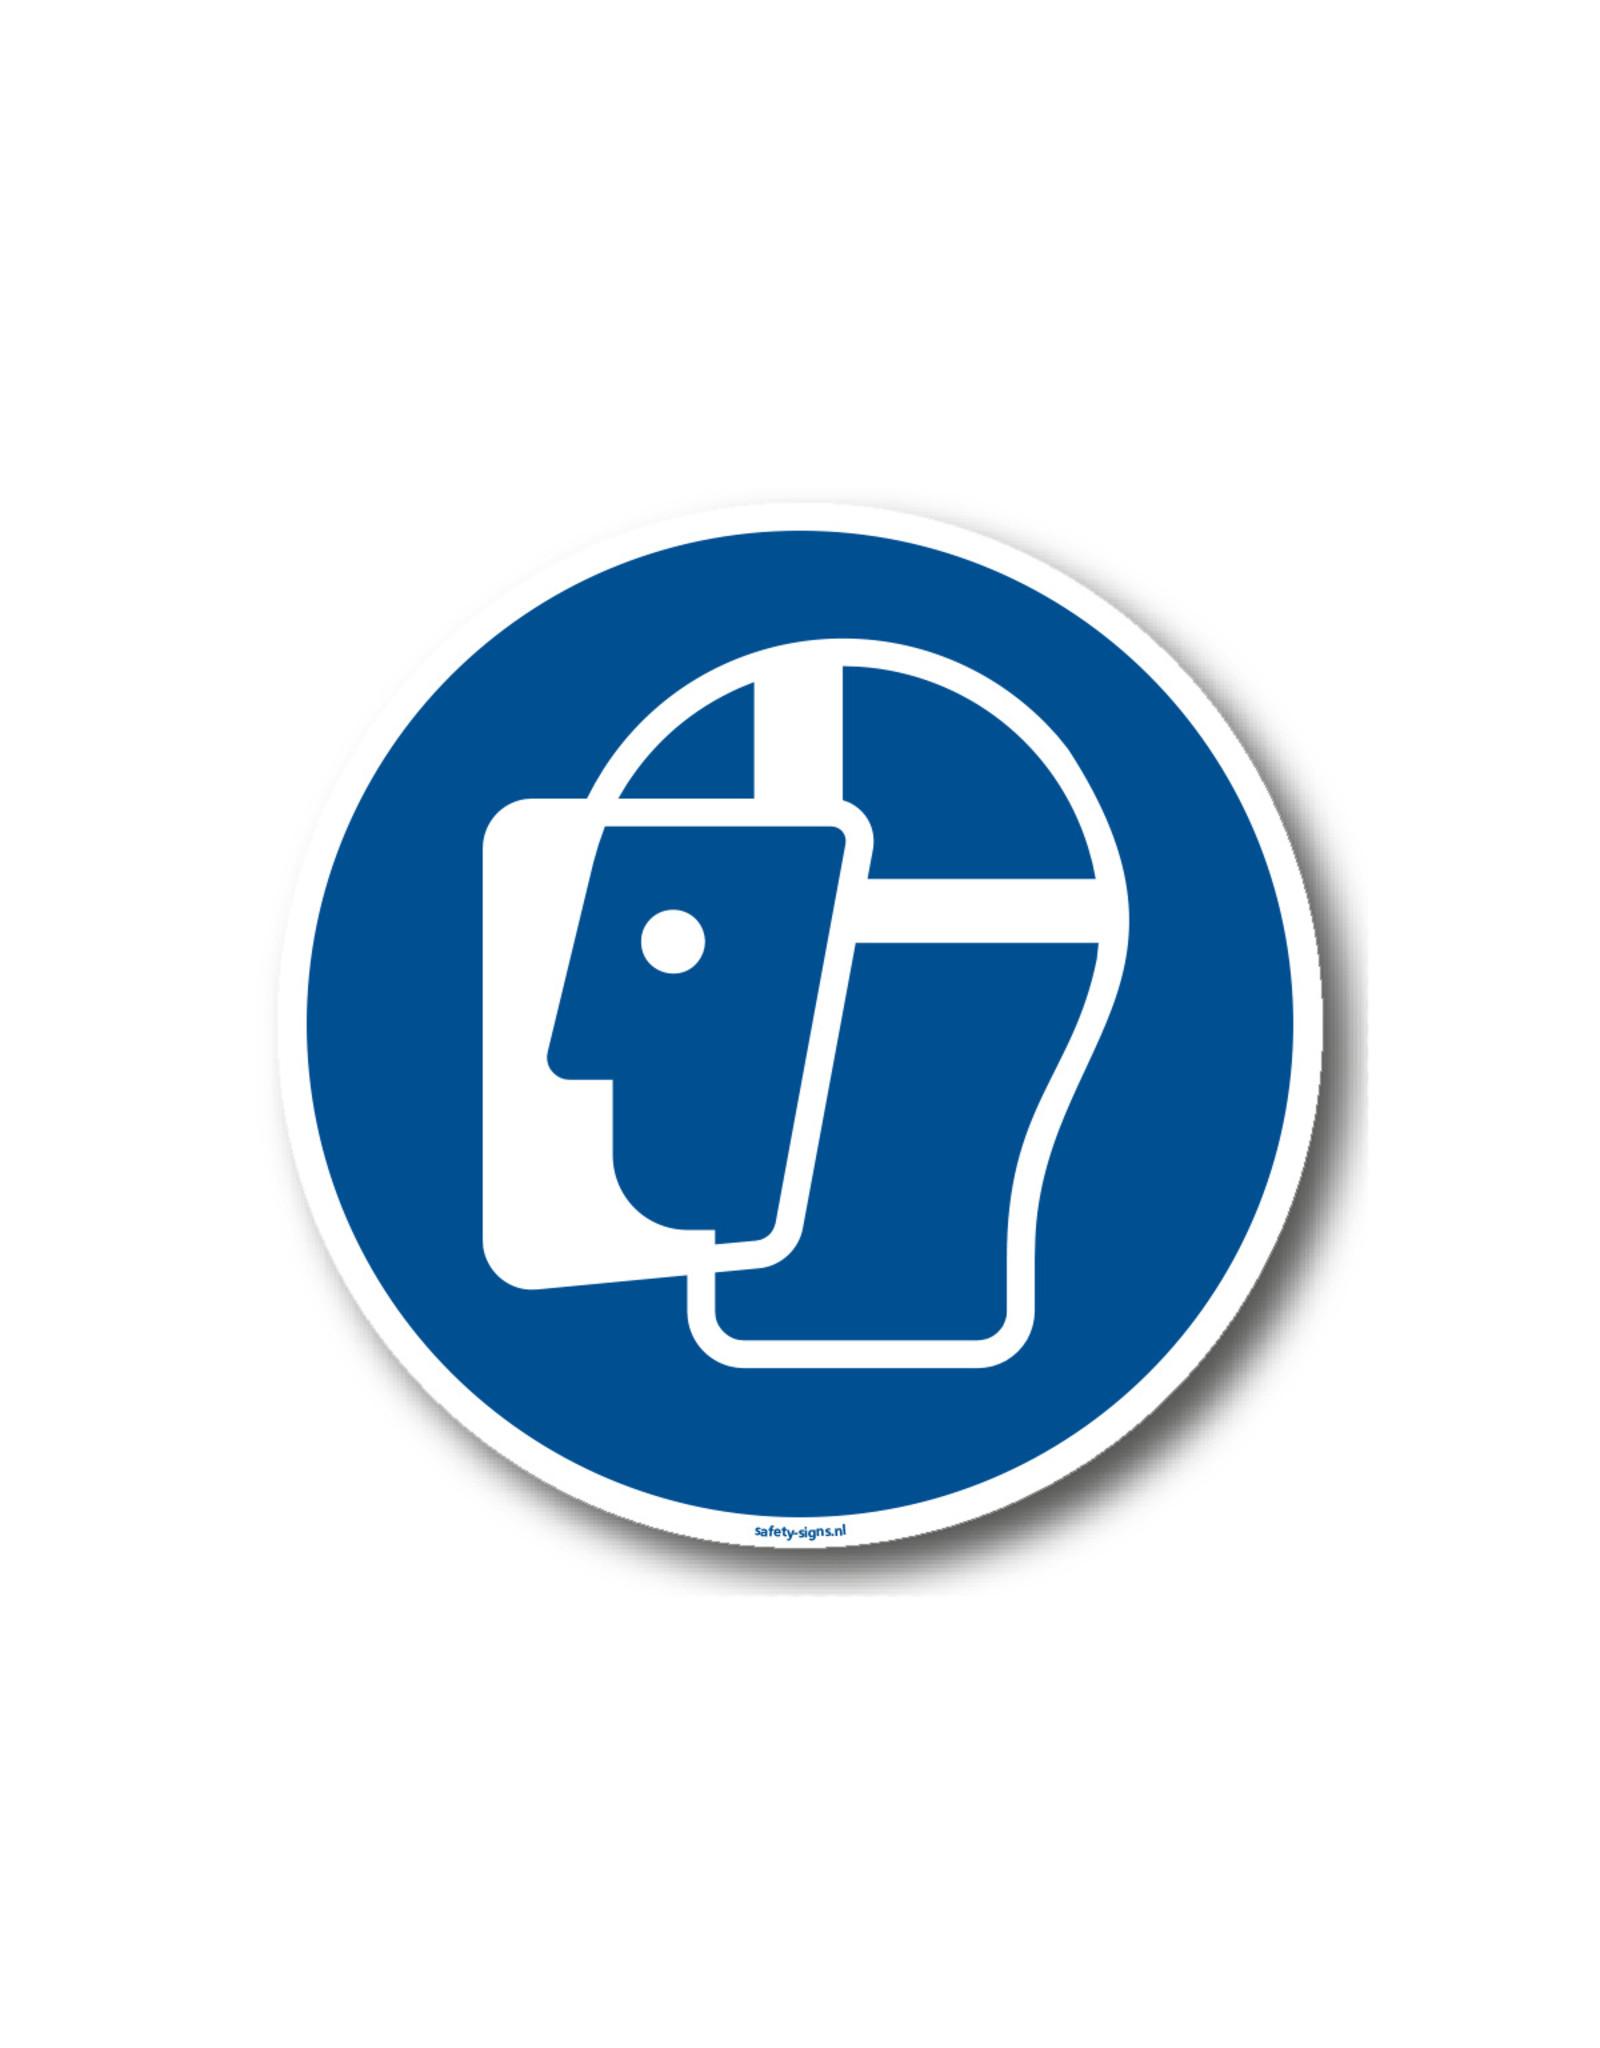 BrouwerSign Pictogram - M013 - Gelaatsbescherming verplicht - ISO 7010